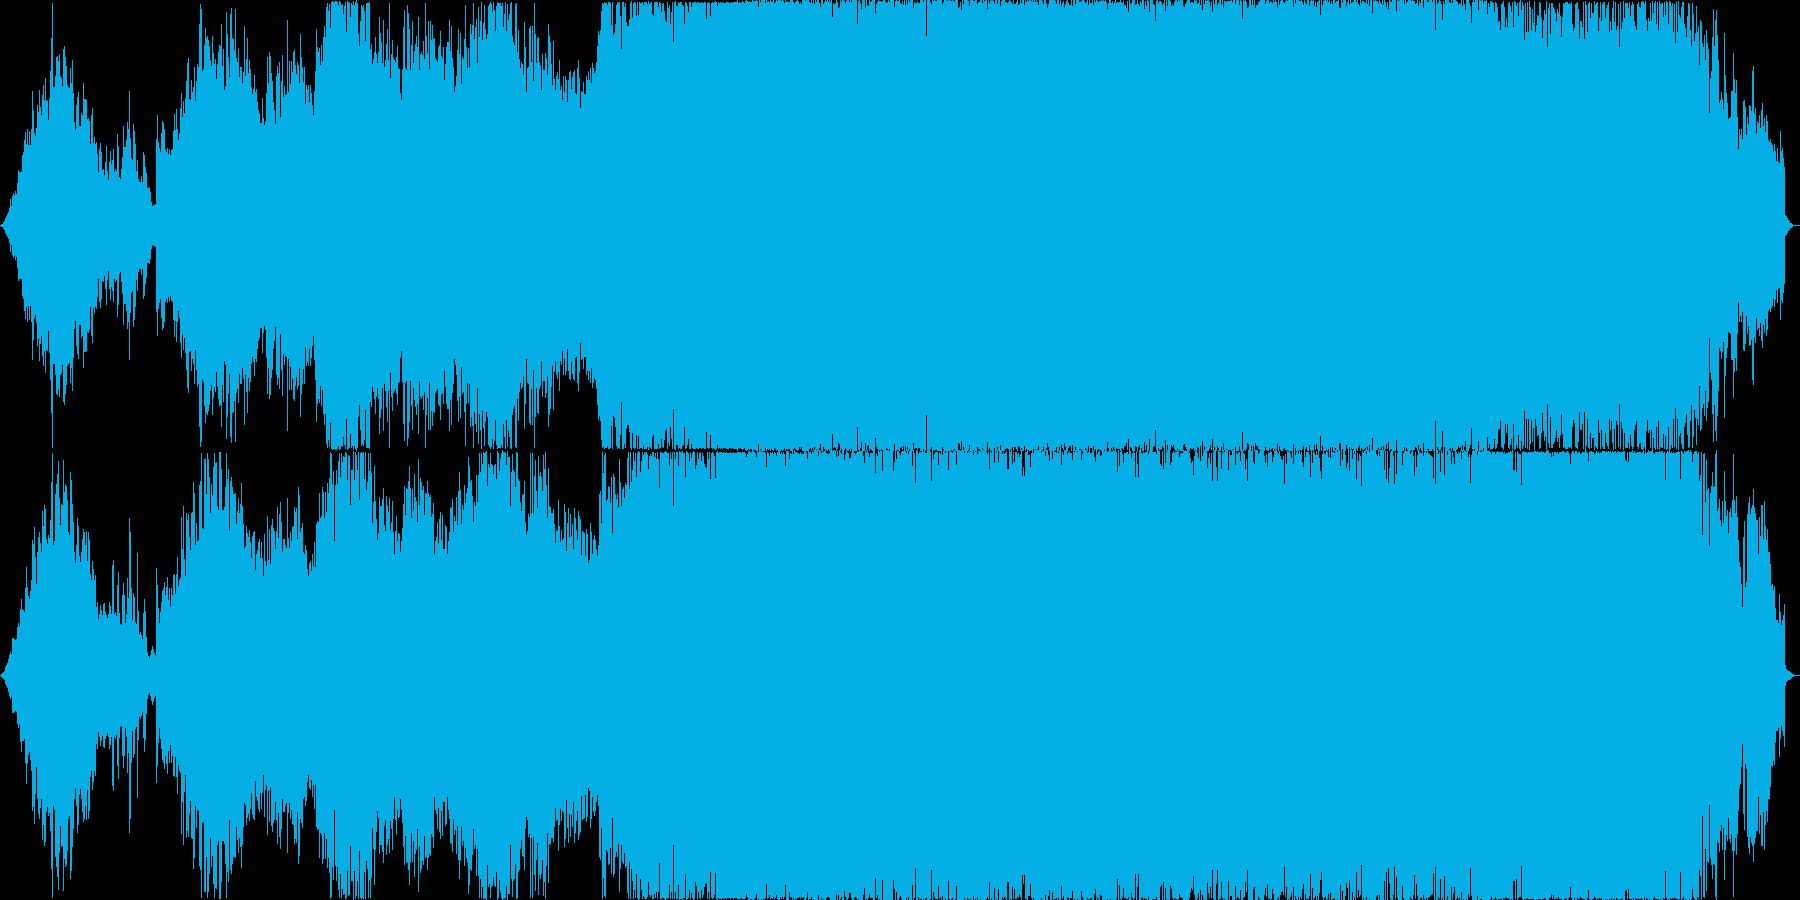 前半スペーシーで中盤から歪んだサウンドにの再生済みの波形